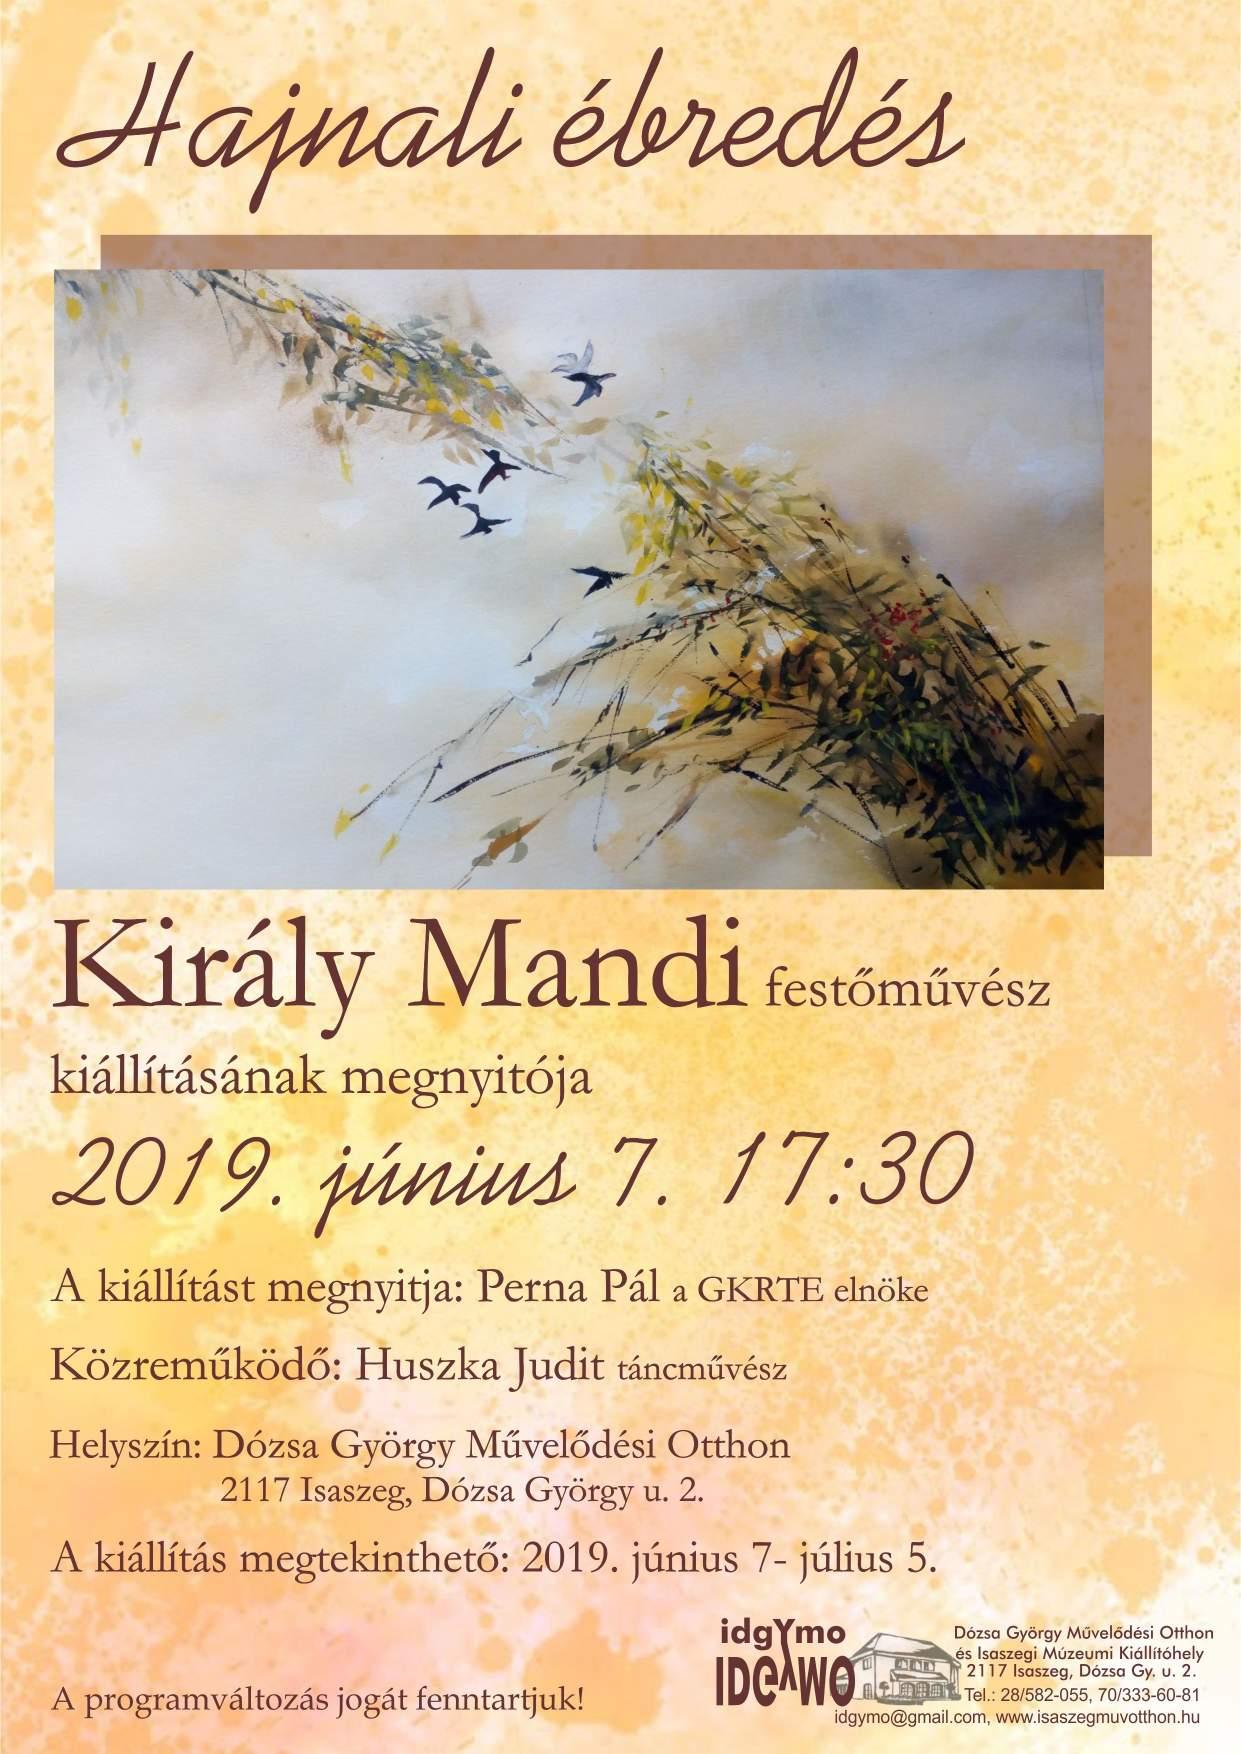 Király Mandi kiállítása